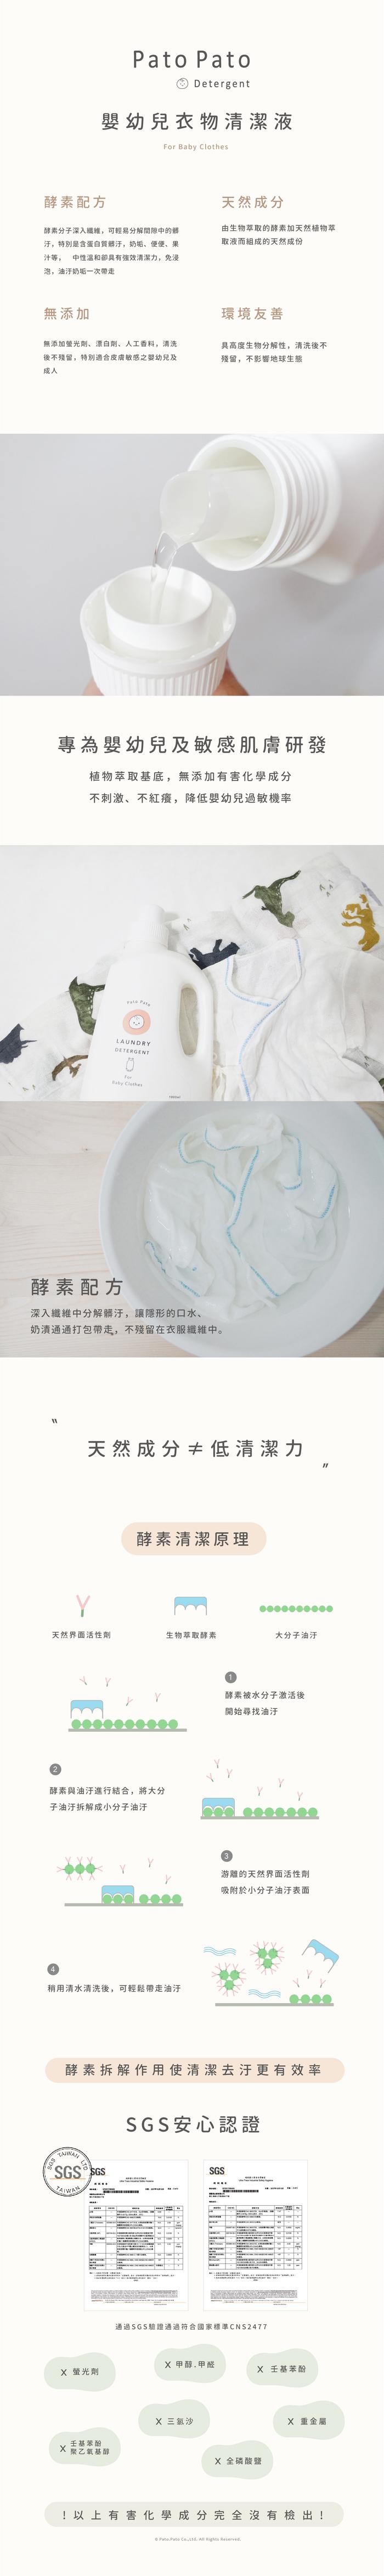 (複製)PatoPato 衣物去漬清潔液 - 500ml x 2入+ 2000ml 補充瓶 x 2入 (共4瓶裝)